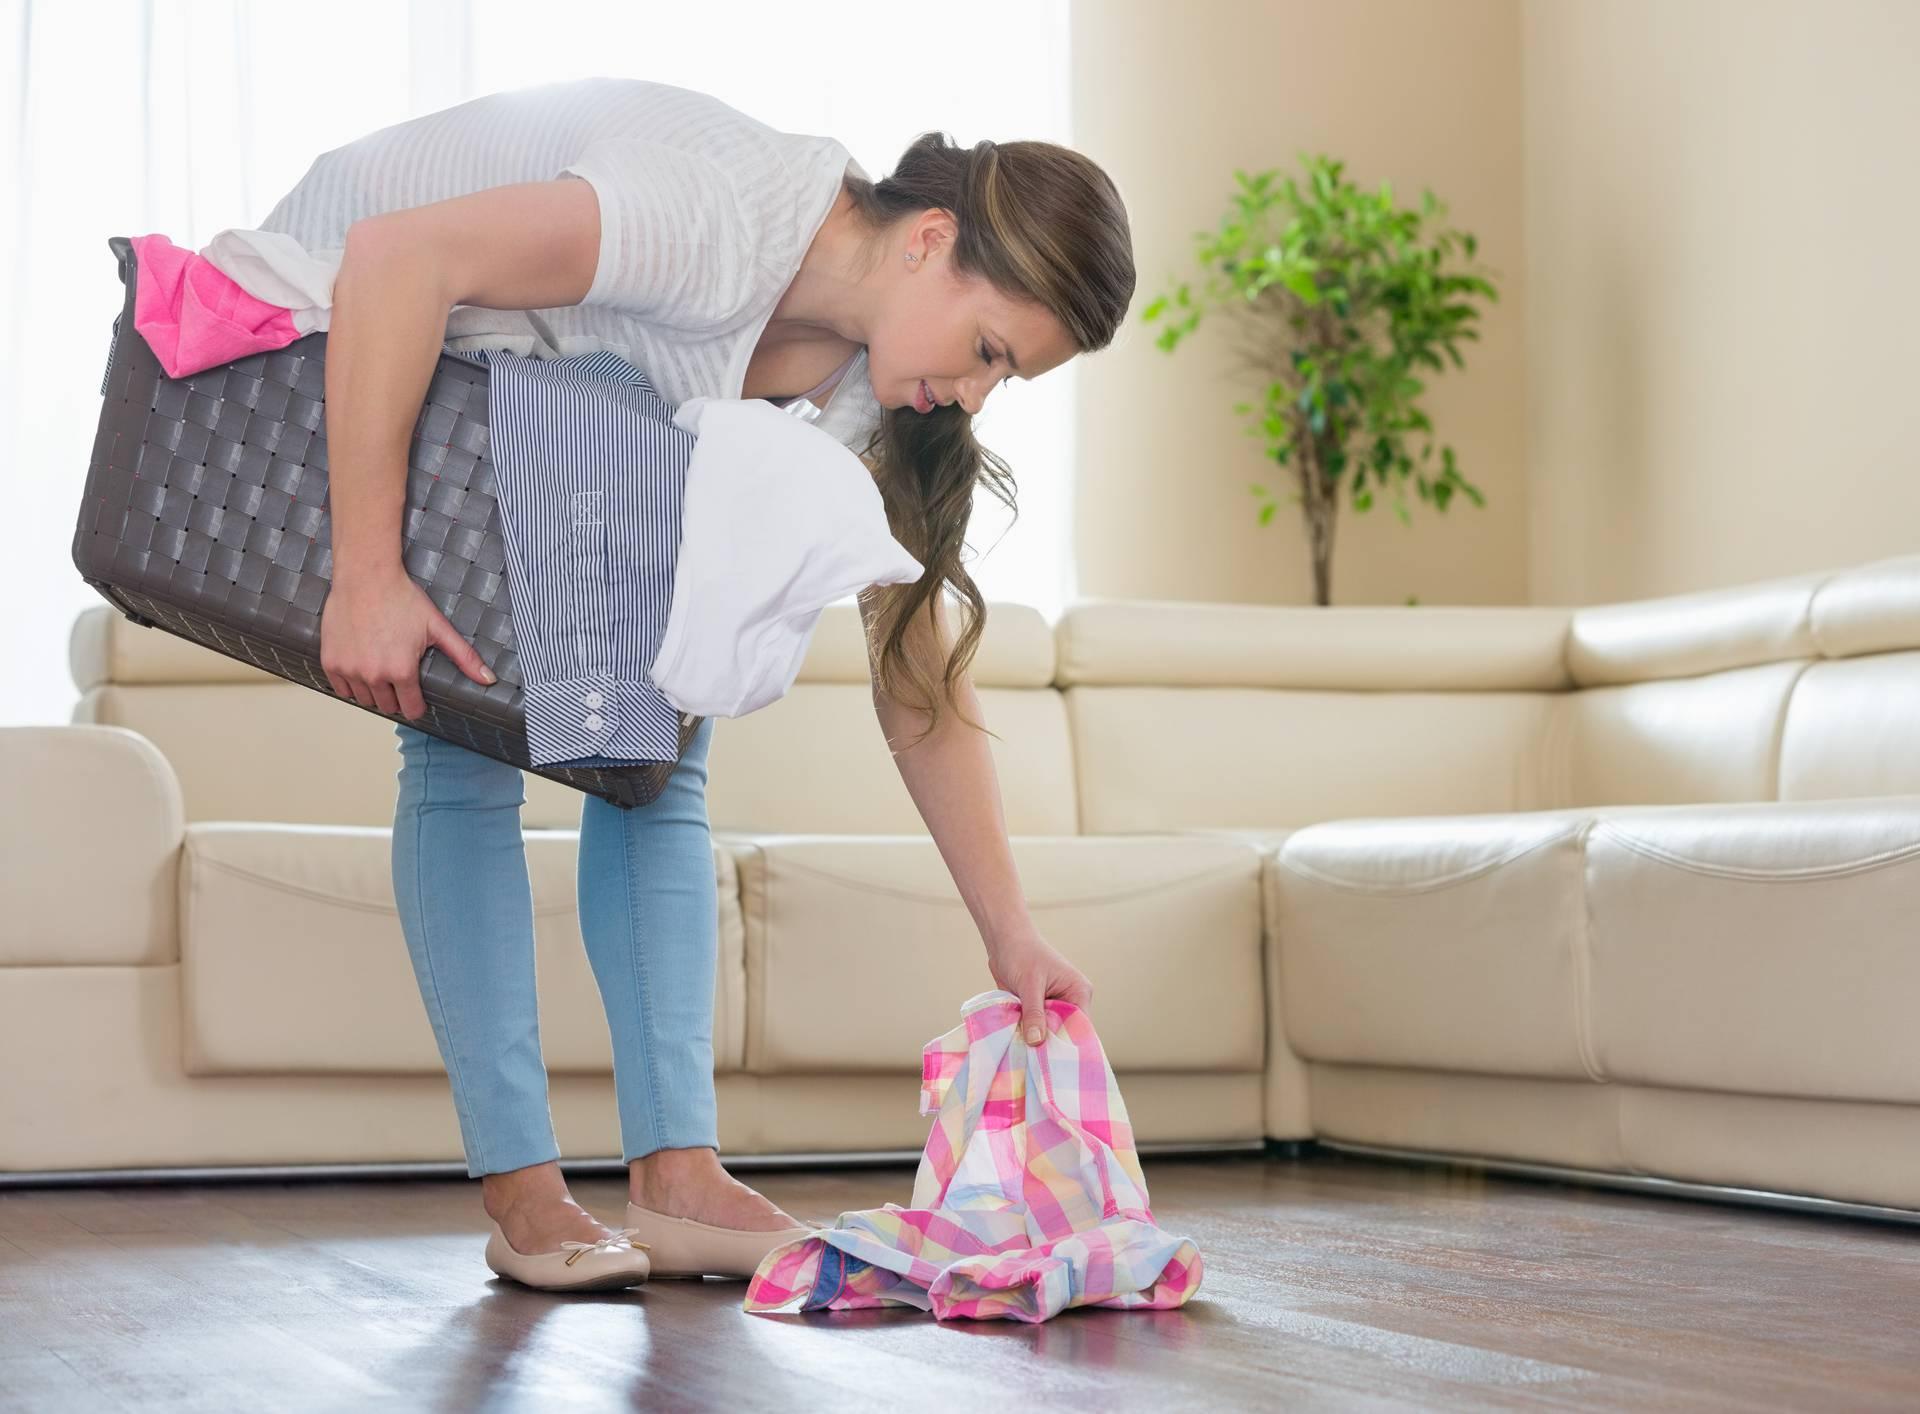 Žena diže i posprema košulju s poda